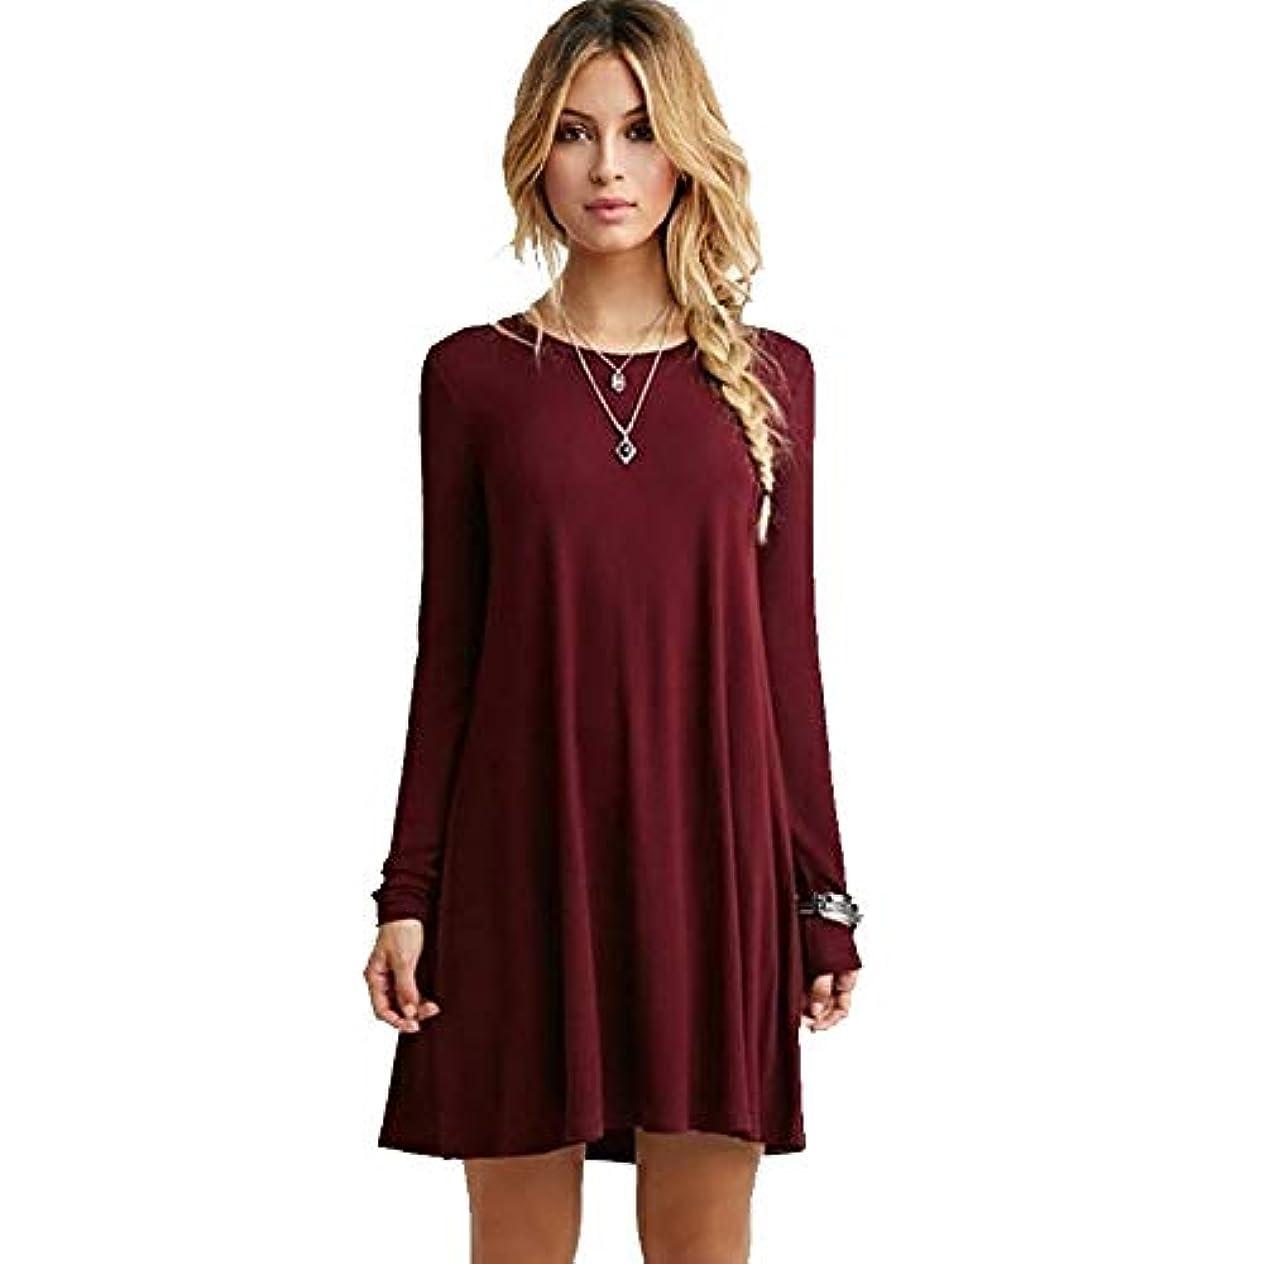 ディスク敗北必要条件MIFANルースドレス、プラスサイズのドレス、長袖のドレス、女性のドレス、秋のドレス、マキシドレス、コットンドレス